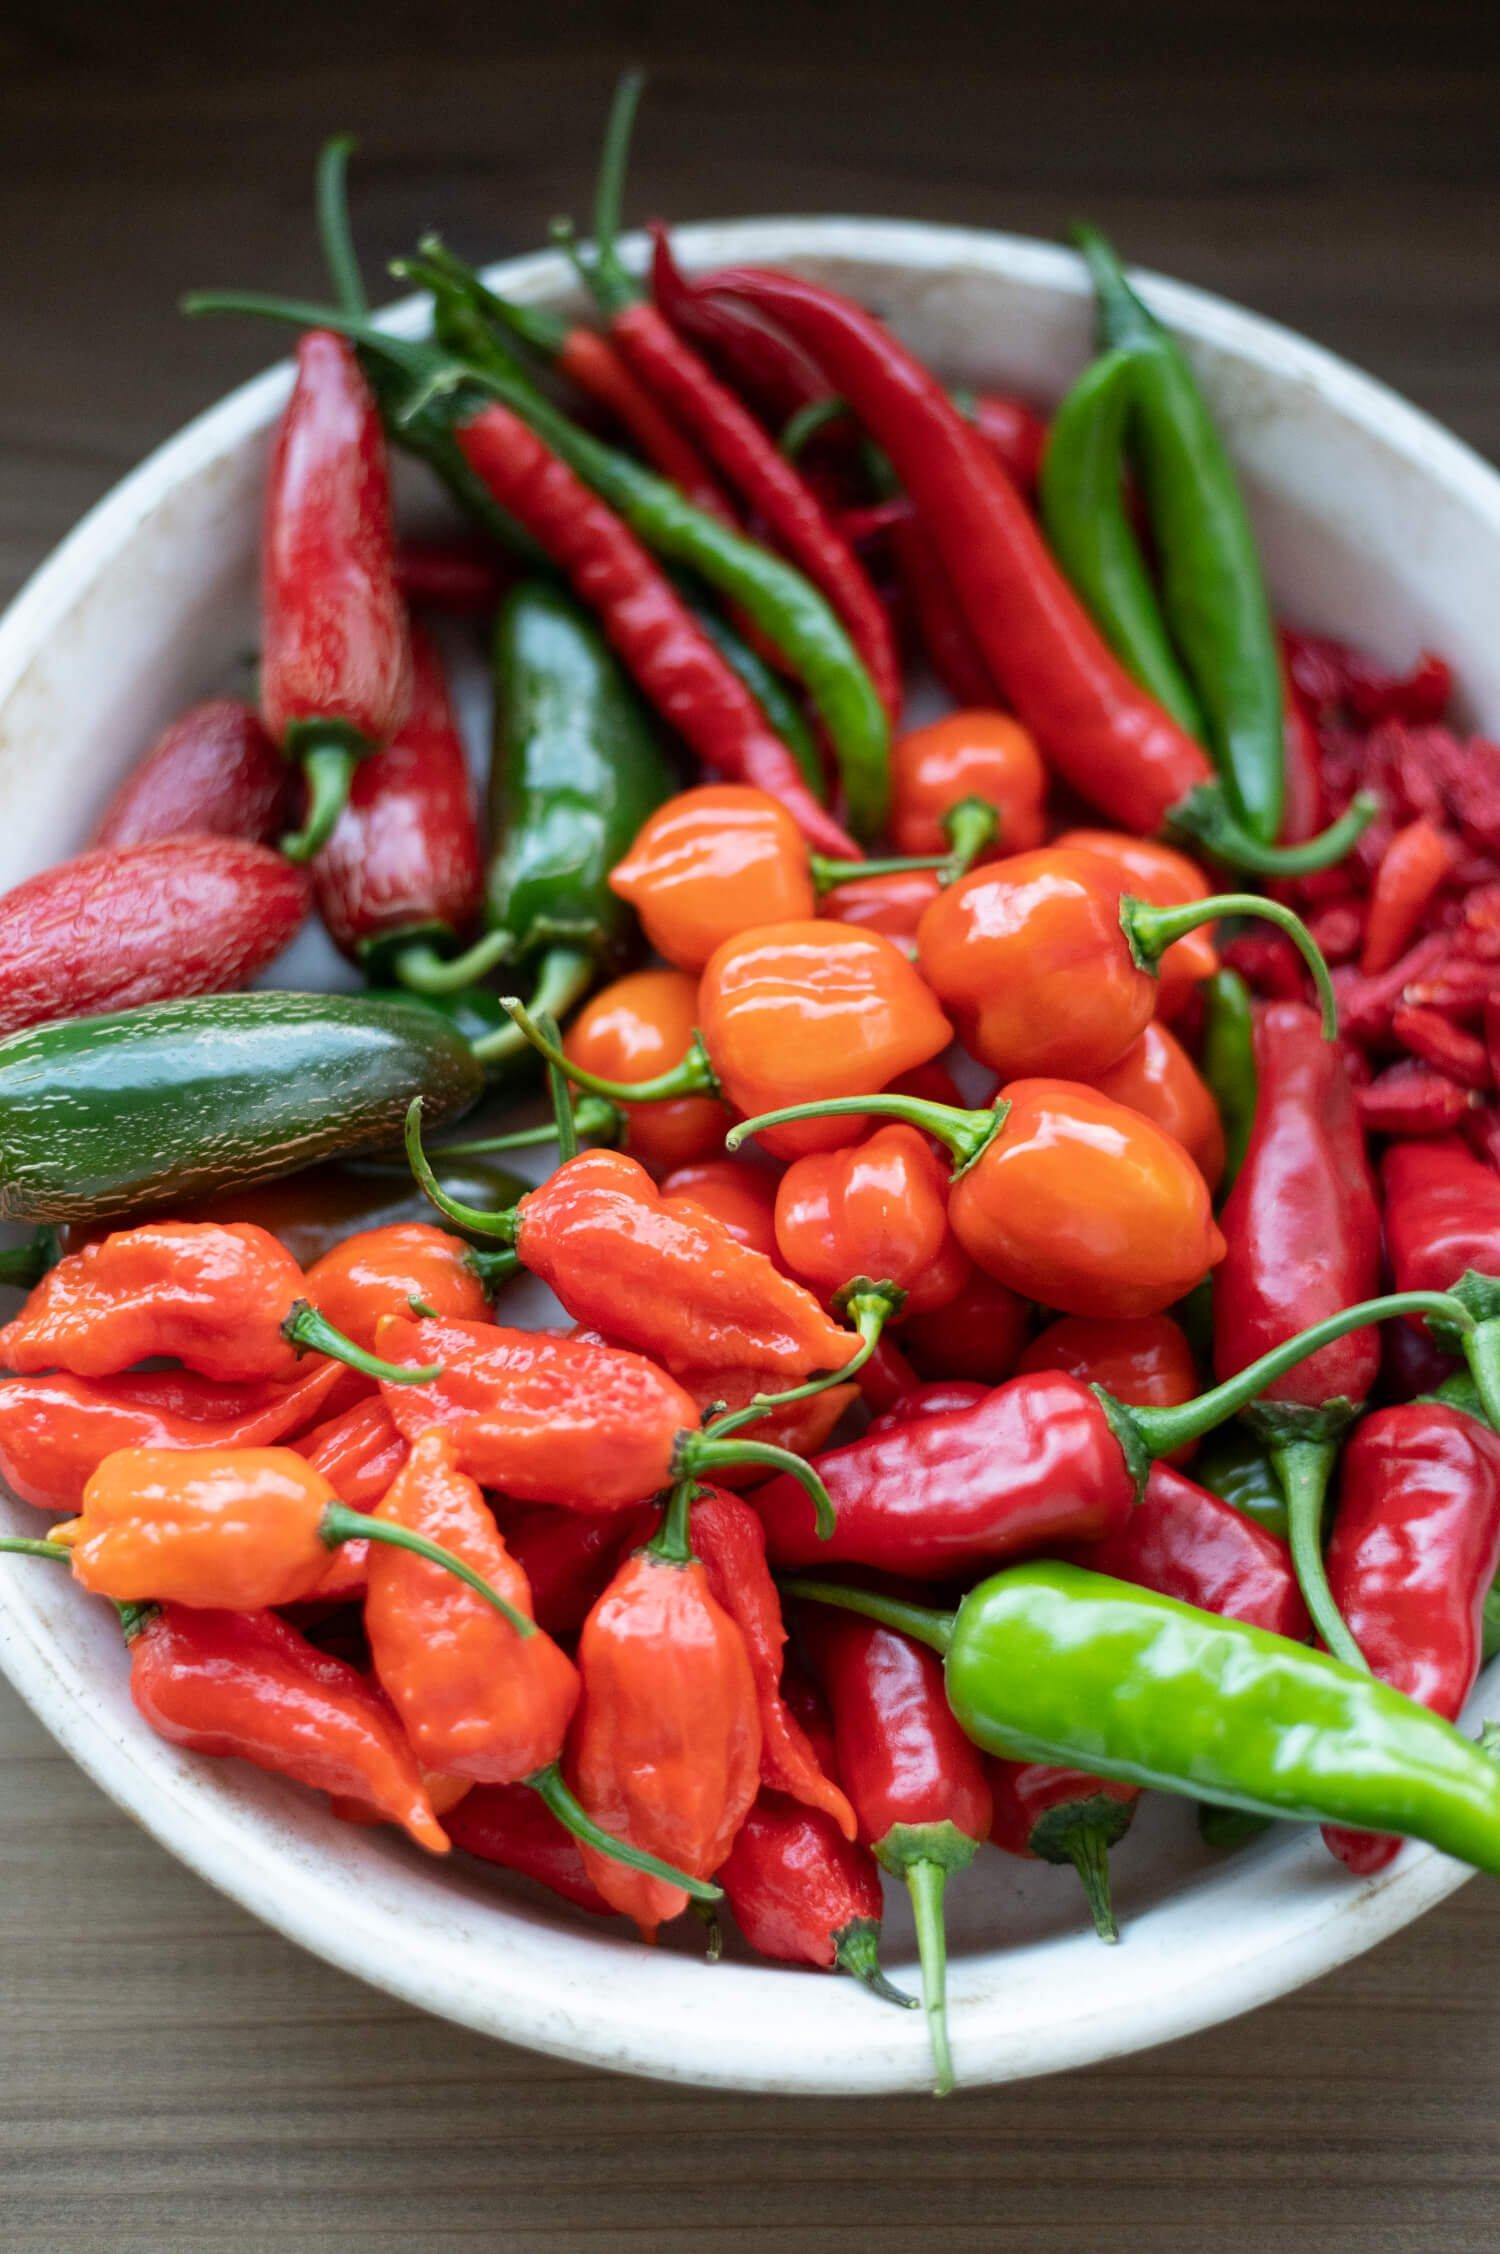 ハバネロ、ブート・ジョロキアなど世界のトウガラシも栽培、ピザ用オイルも作る。野菜直売あり。